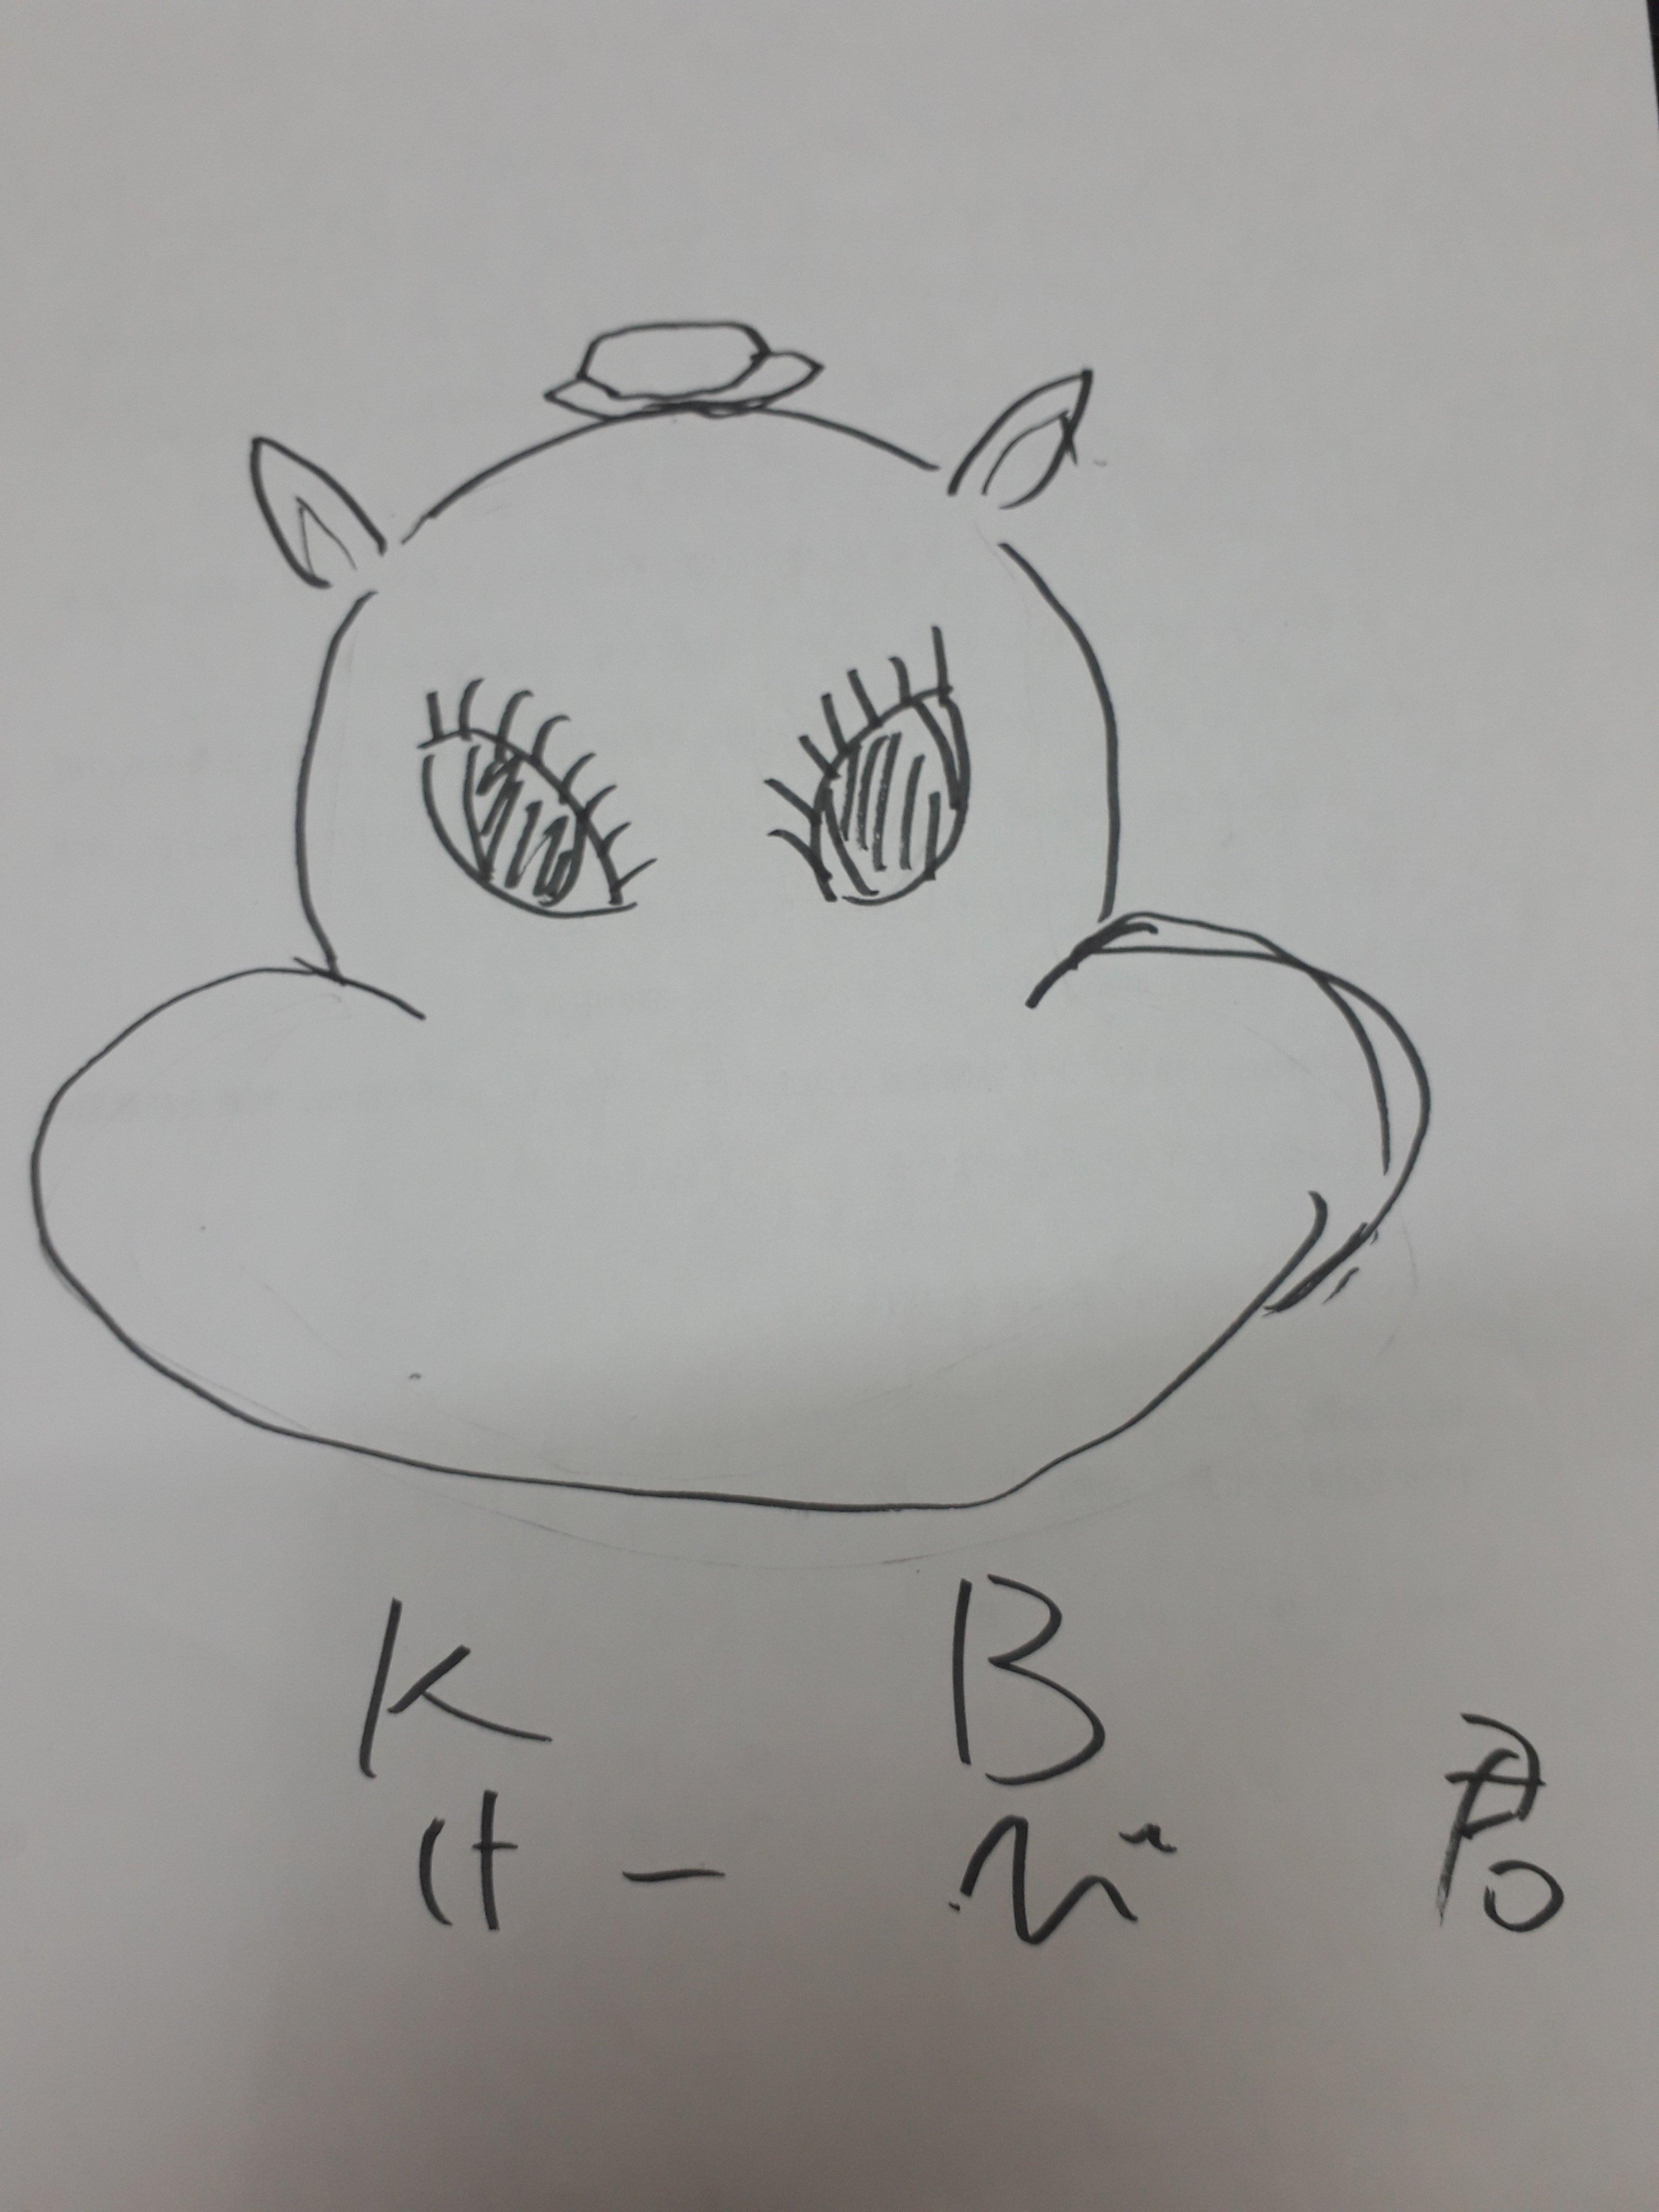 【キモキャラ】KB君登場!!